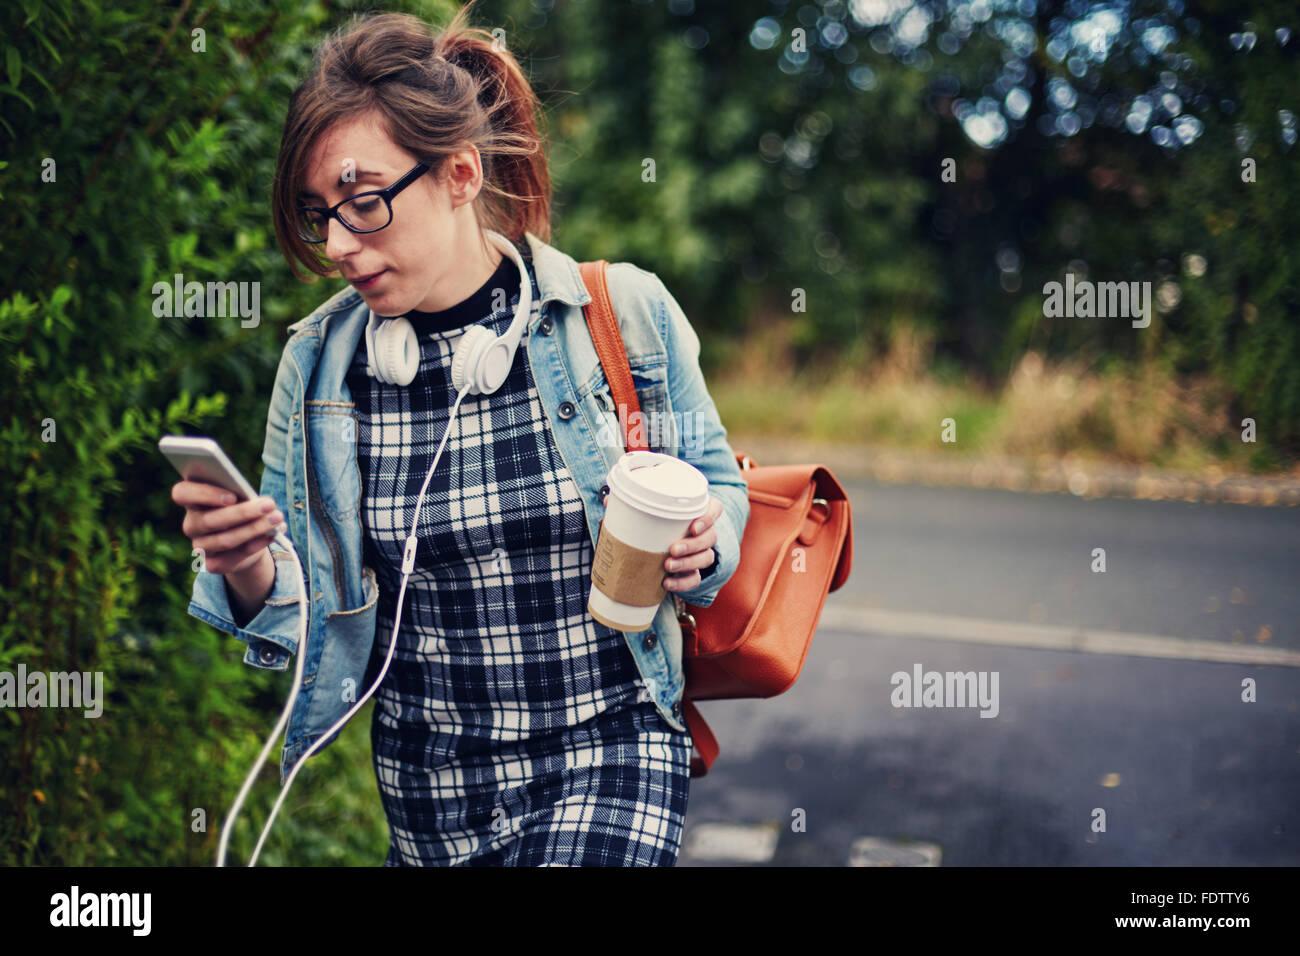 Joven estudiante caminando junto con su teléfono y la celebración de un café. Imagen De Stock